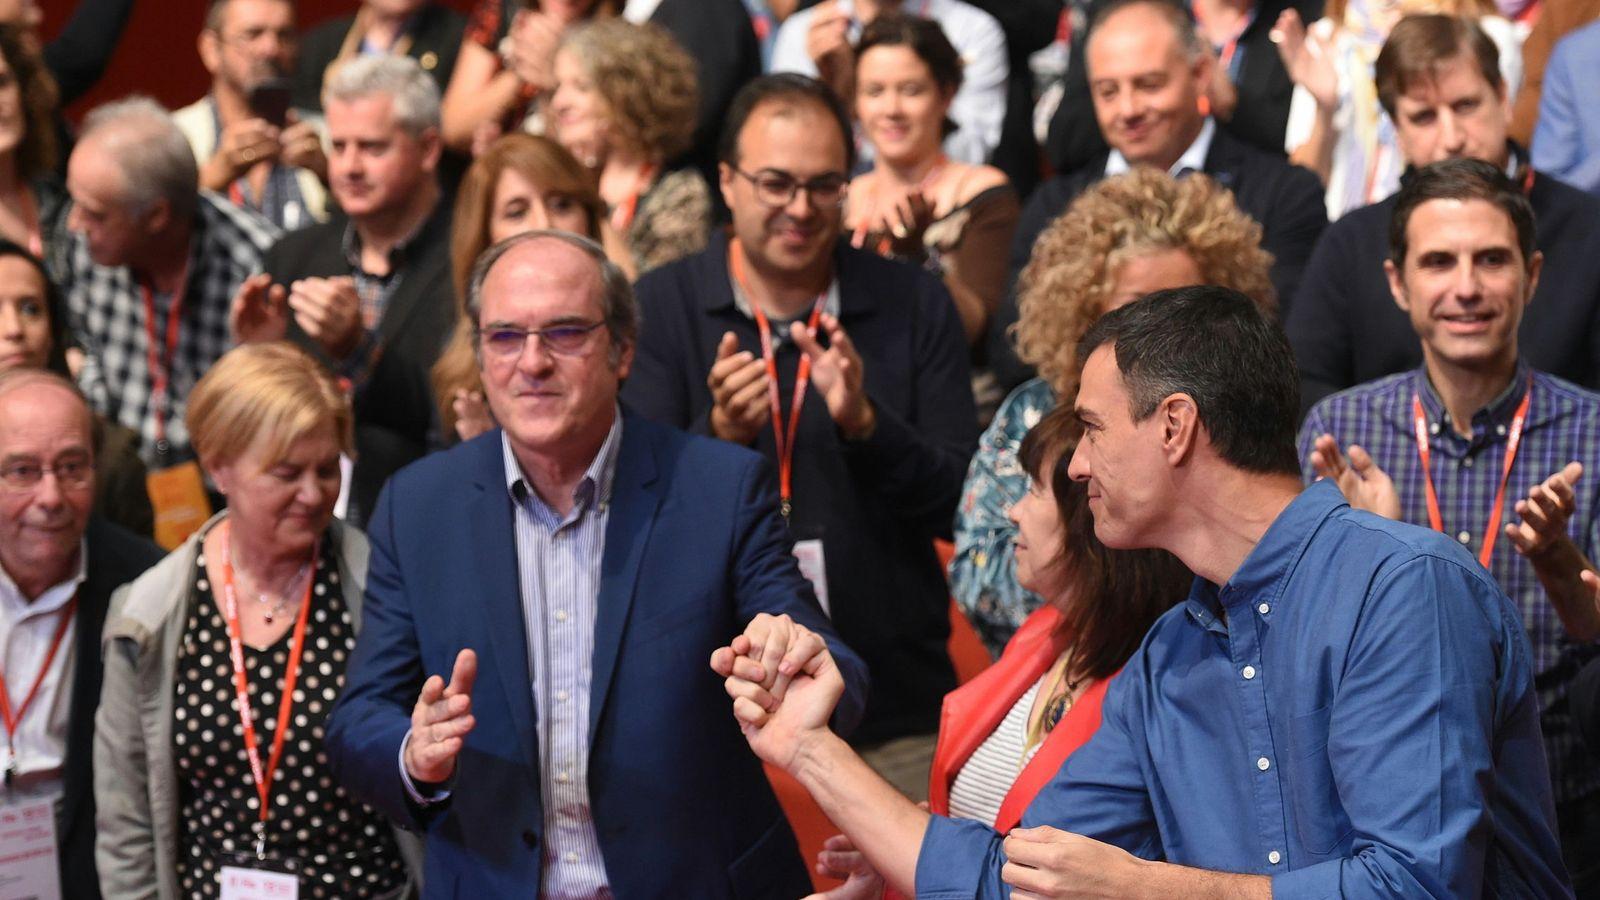 Foto: Pedro Sánchez saluda a Ángel Gabilondo, ante Cristina Narbona, Isaura Leal y Manolo Robles, el pasado 22 de octubre en el 13º Congreso del PSOE-M. (EFE)